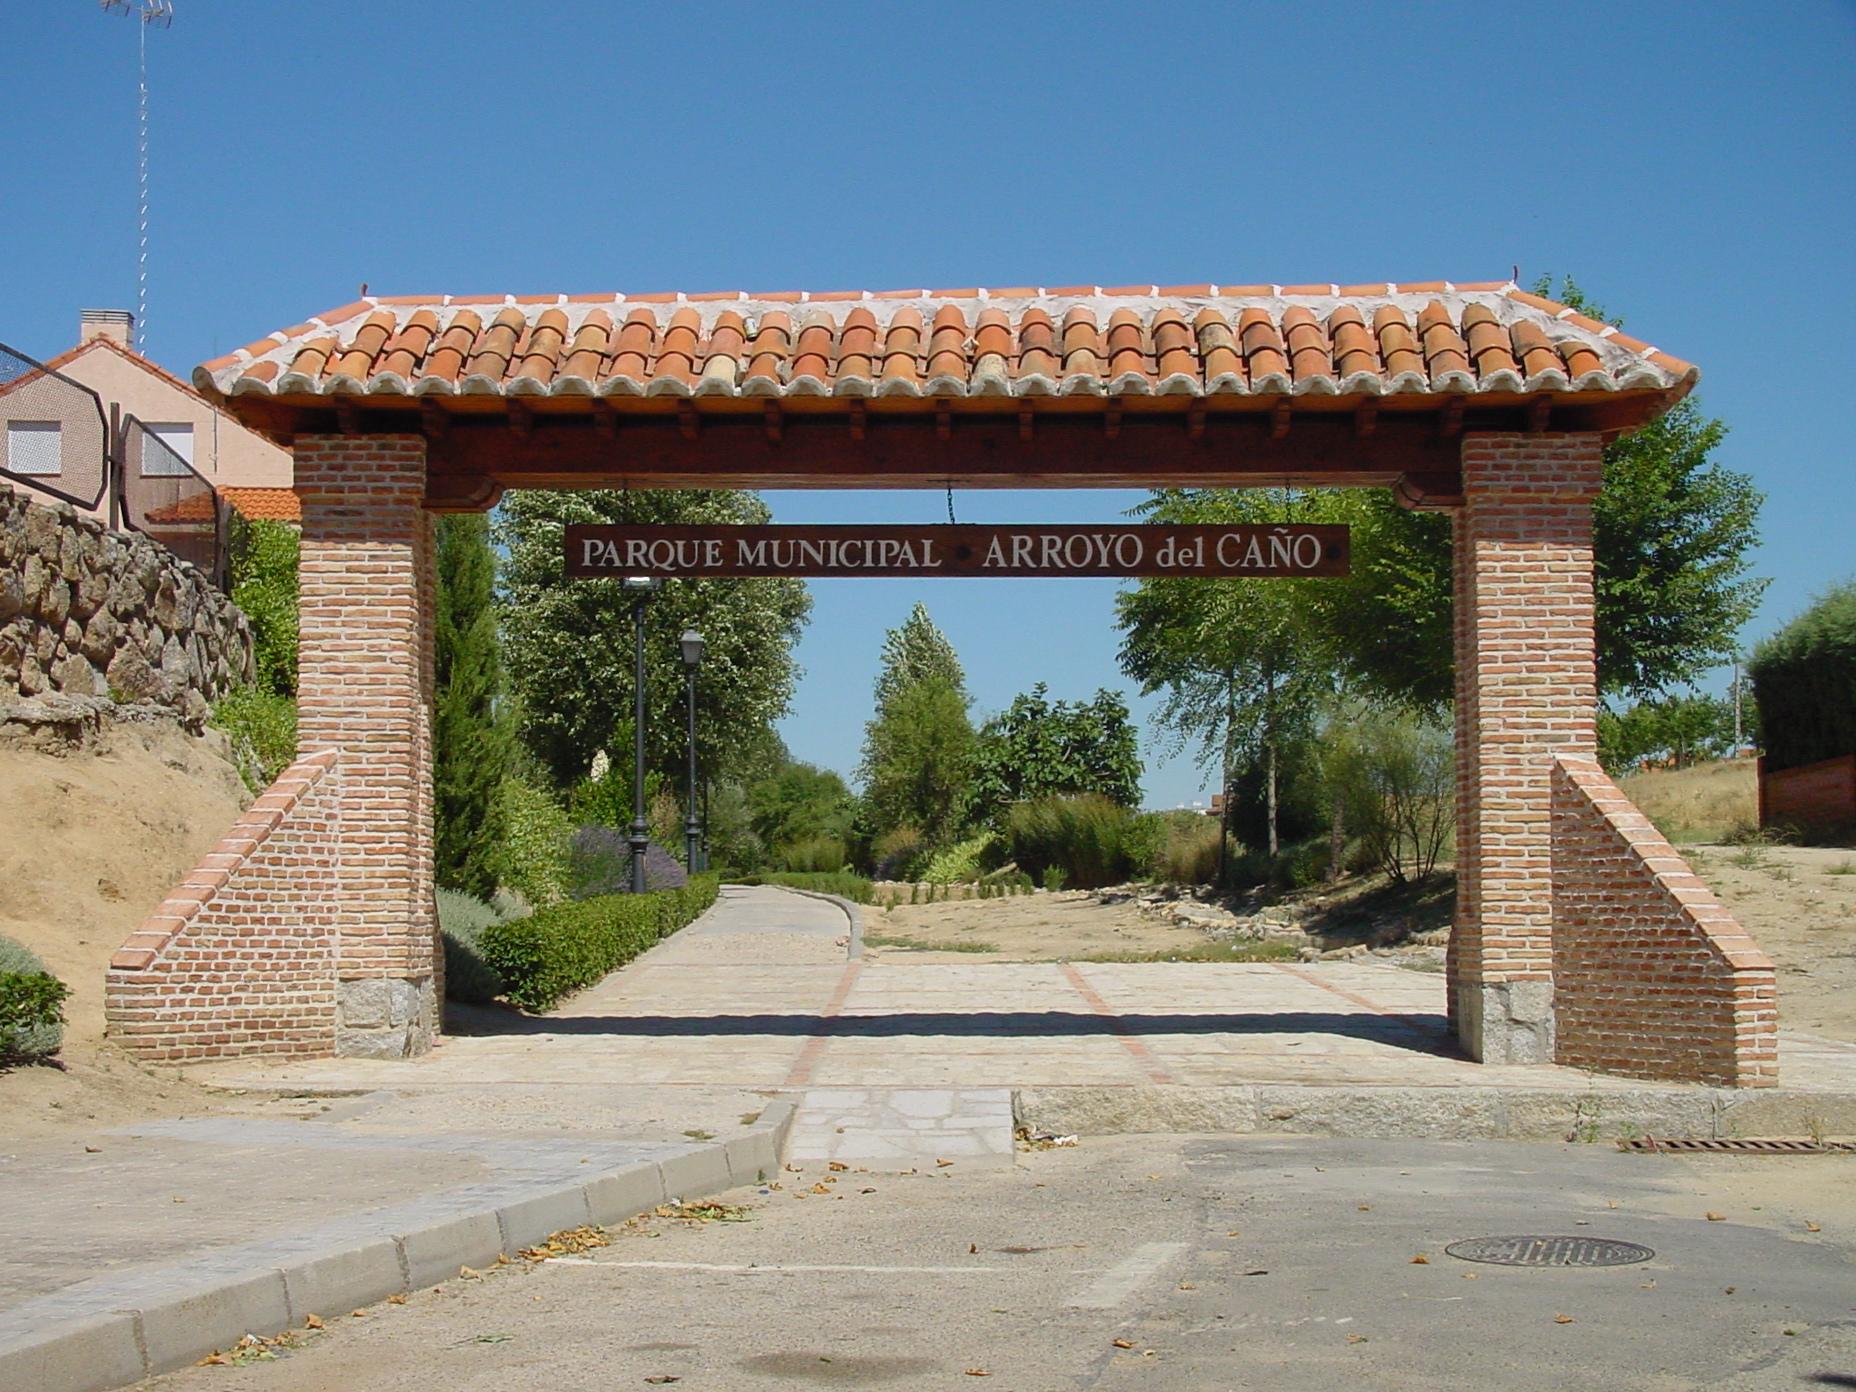 Parque municipal Arroyo del Caño en Moraleja de Enmedio